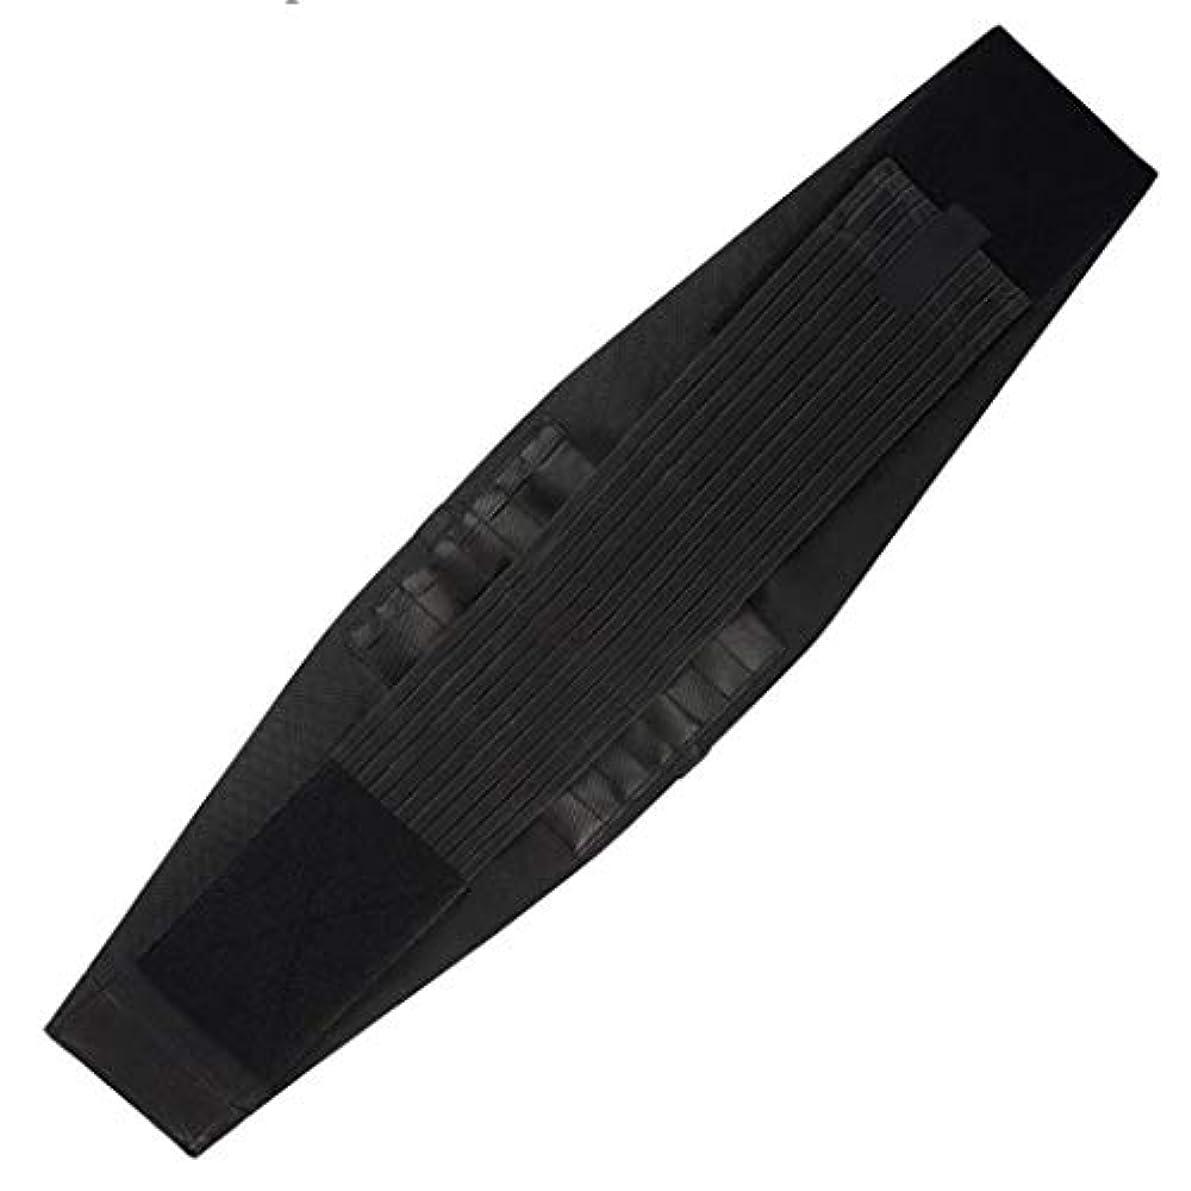 シャッフル不変見捨てられたウエストマッサージャー、エクササイズバックサポートベルト、痛み/圧力を和らげる